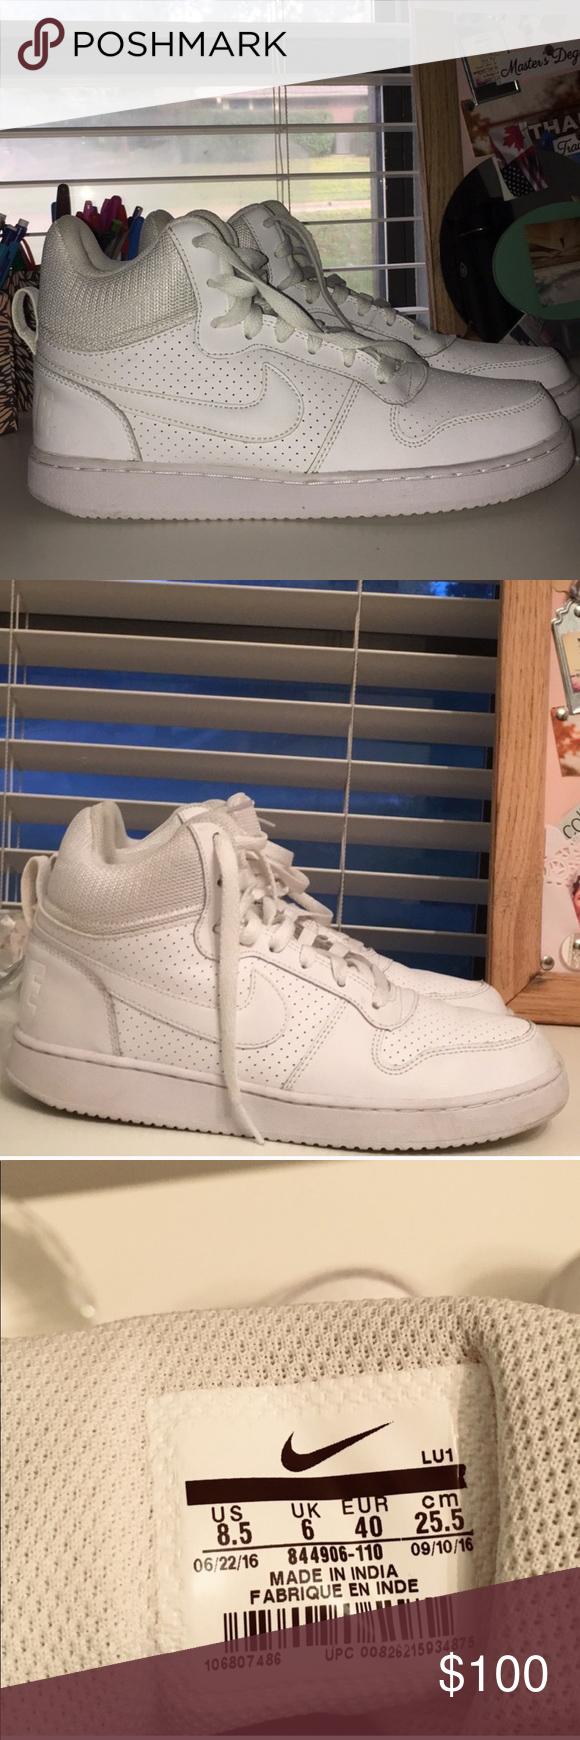 White Nike Air Force 1s | White nikes